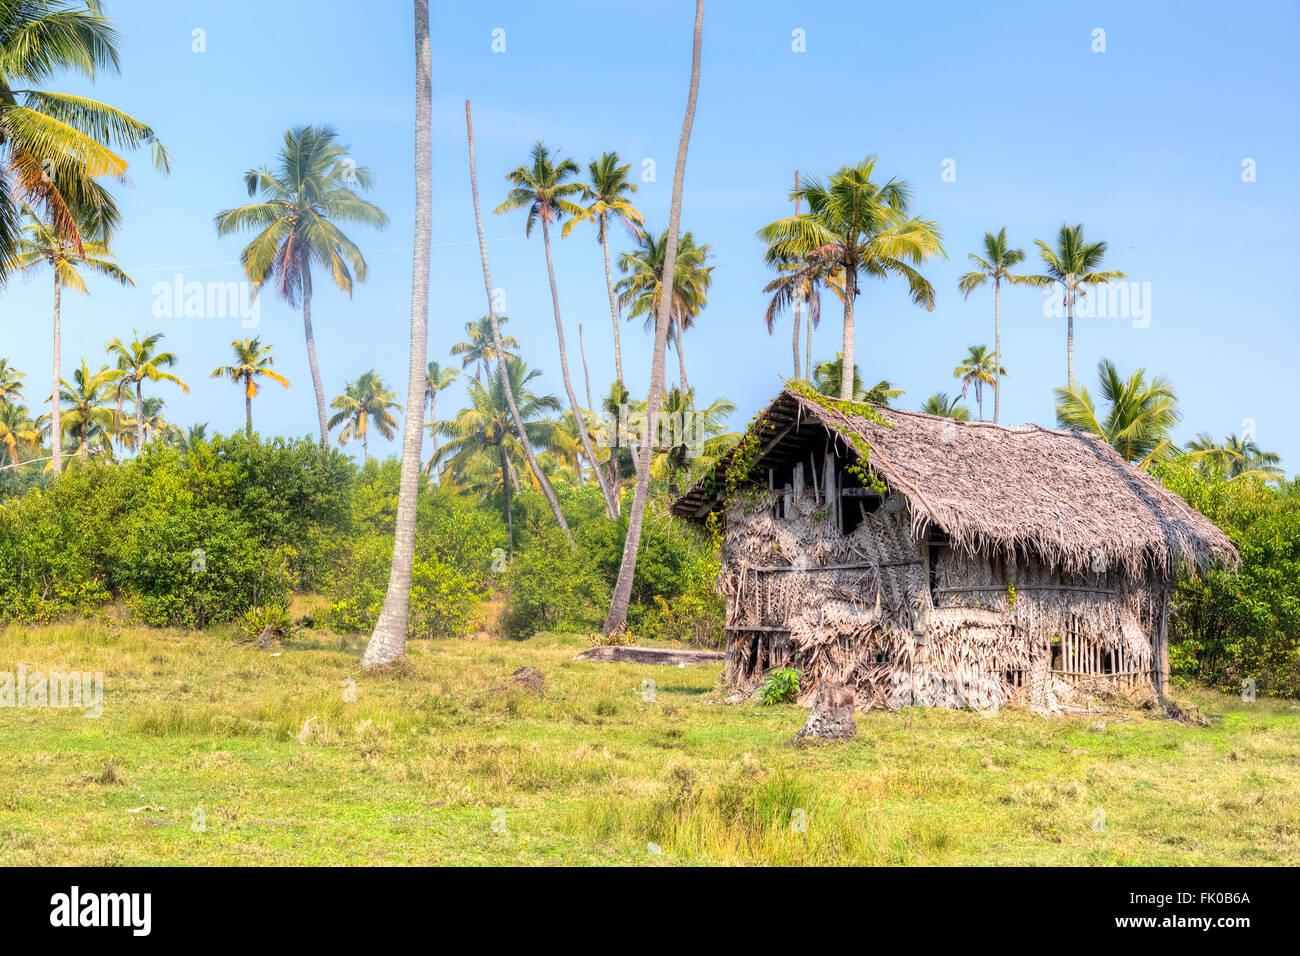 Una choza en la selva de Kochi, Kerala, India, Asia Imagen De Stock